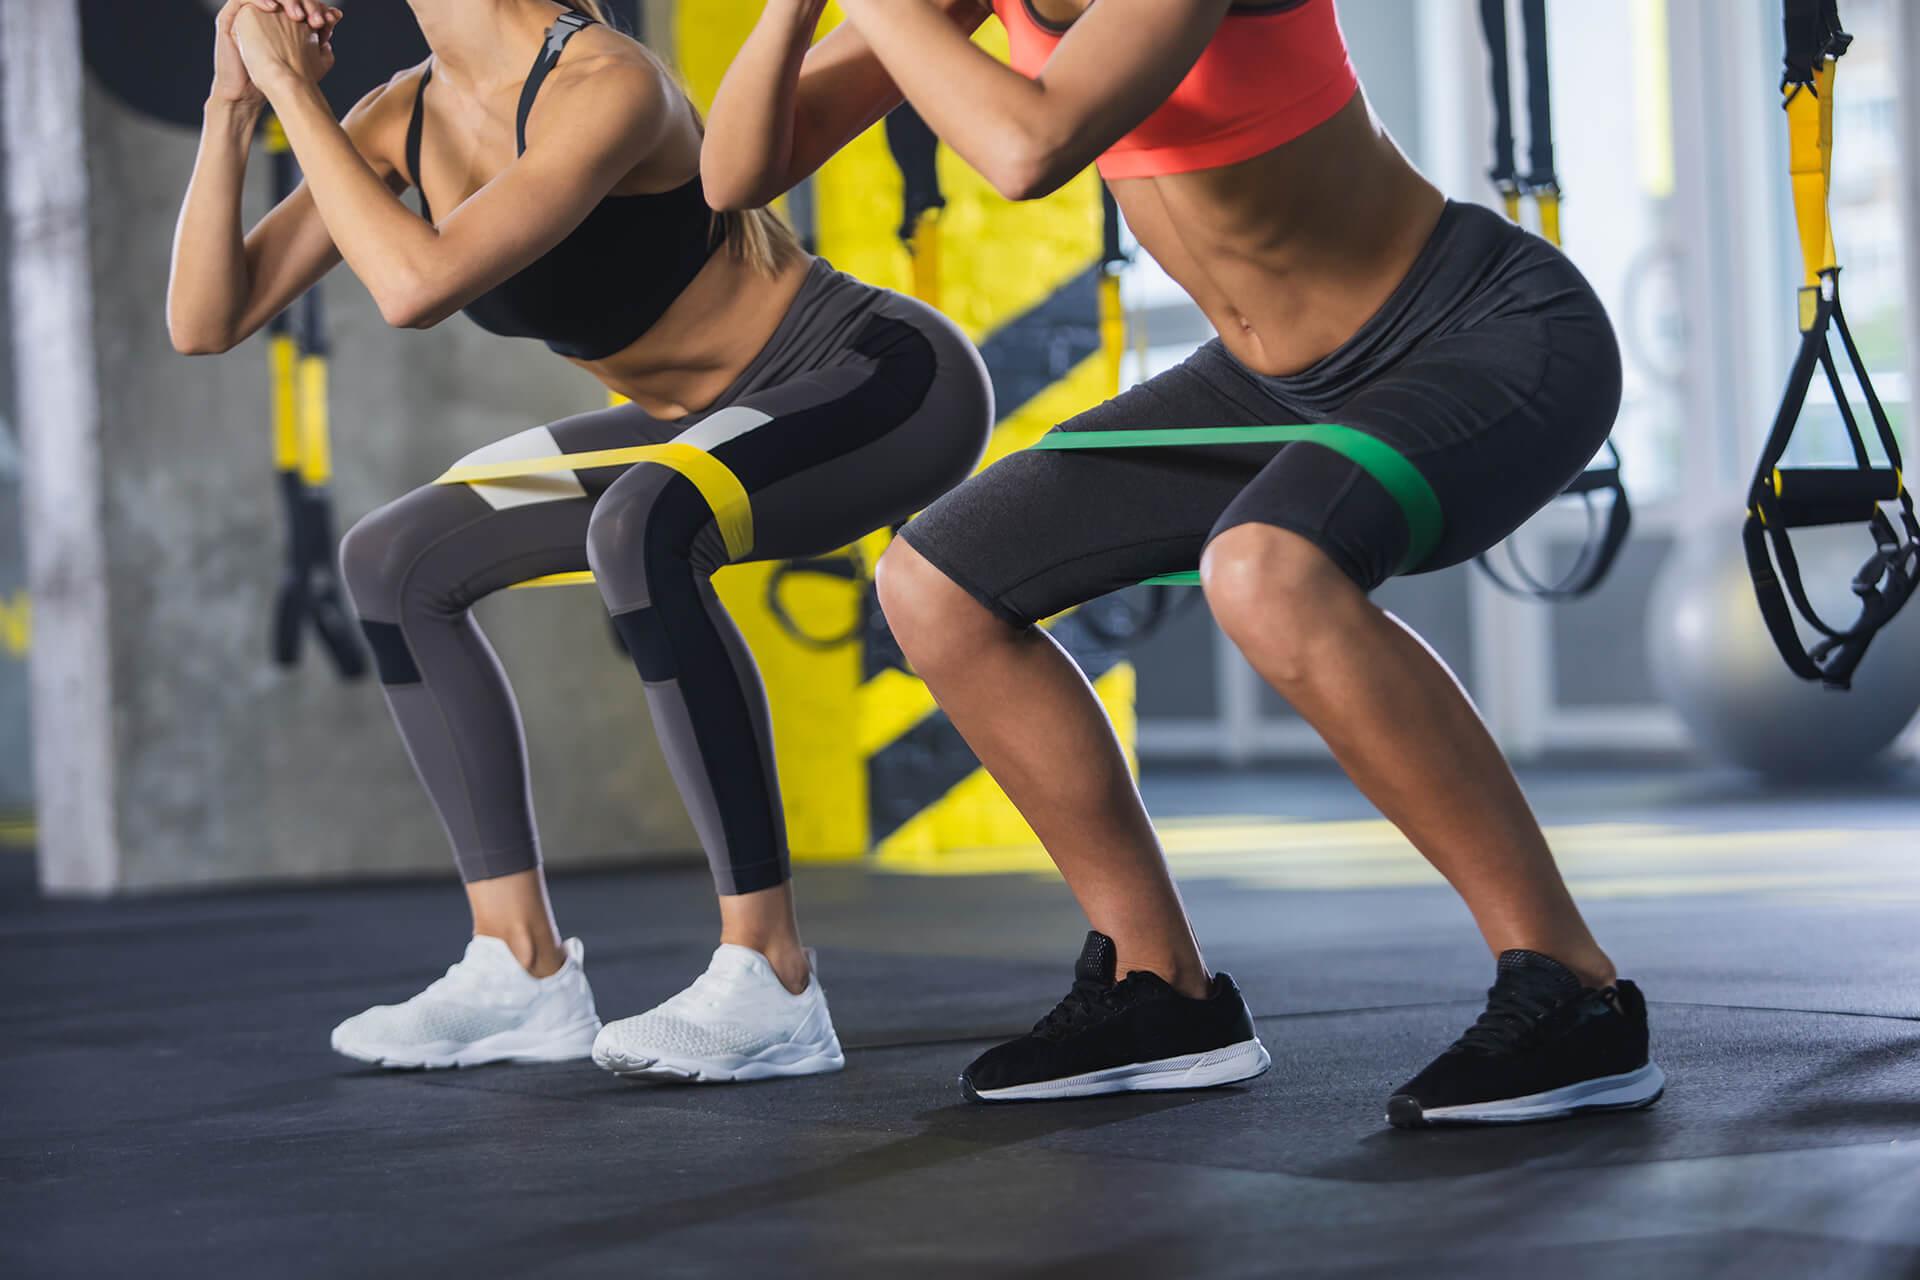 Gesund abnehmen – so funktionierts! | Muskelmacher-Shop